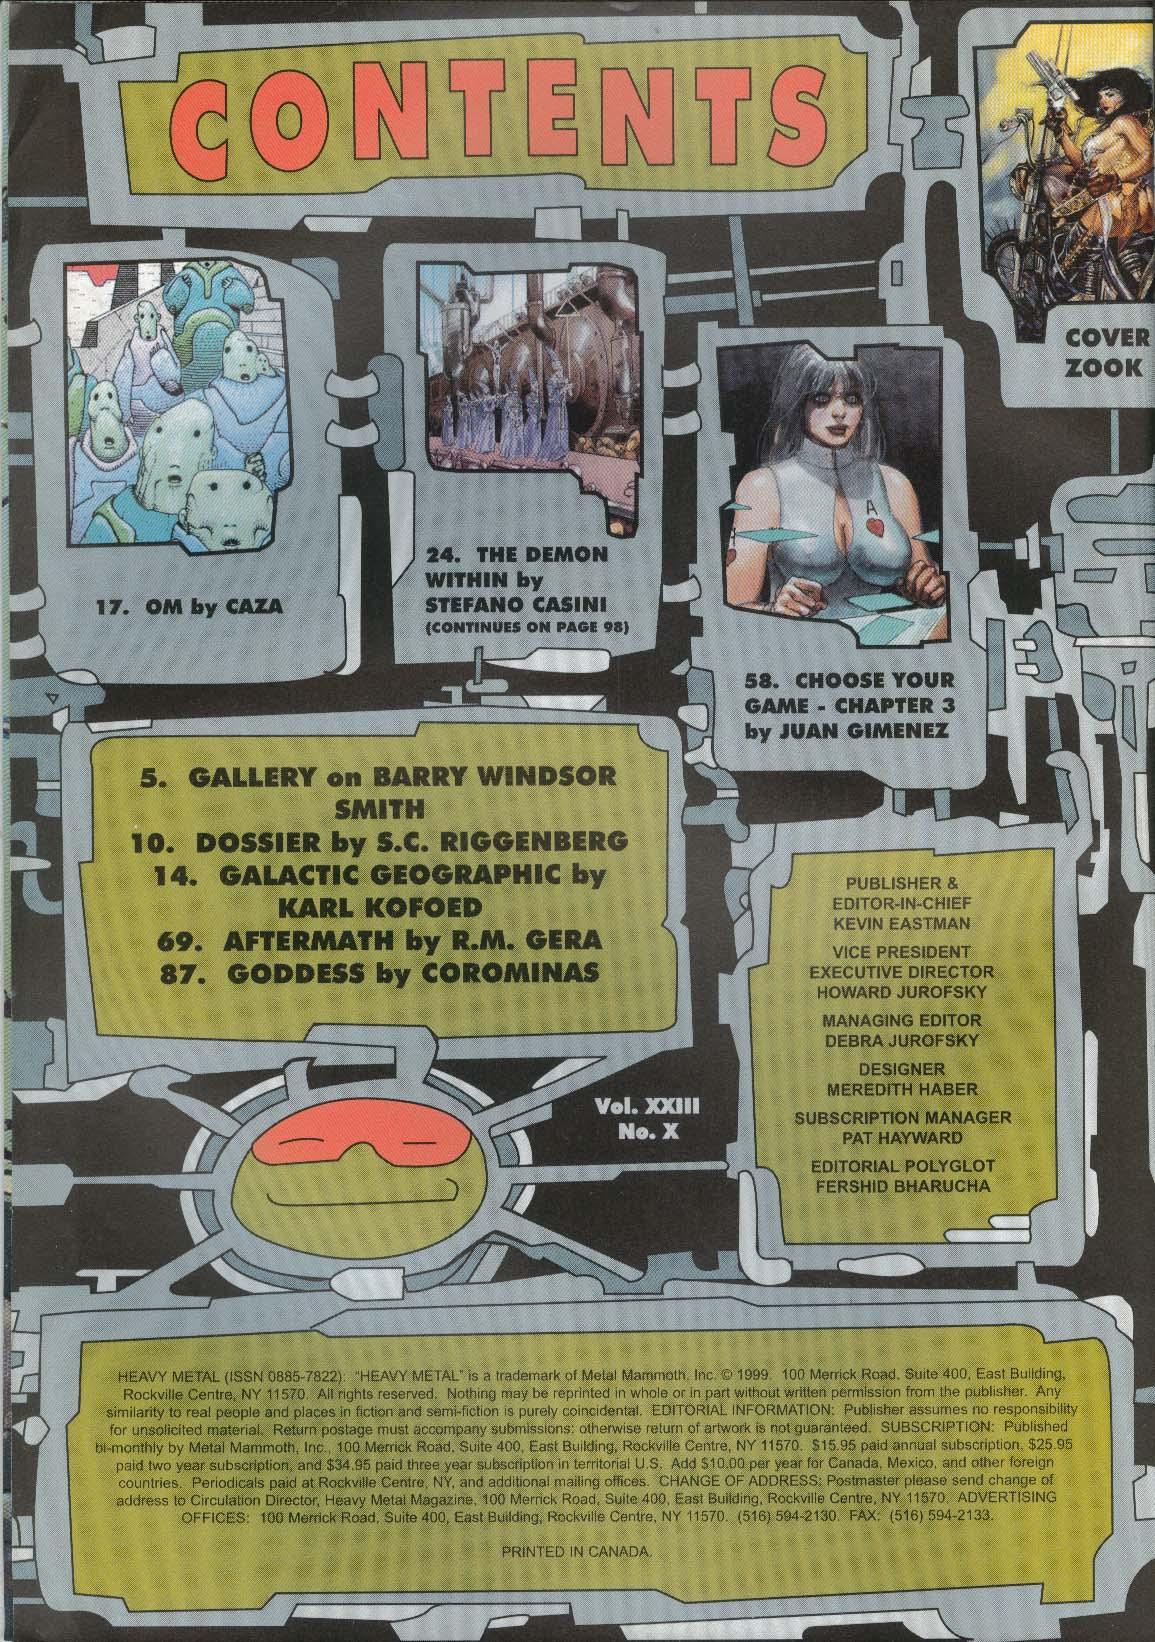 HEAVY METAL Barry Windsor Smith Gimenez Caza 11 1999